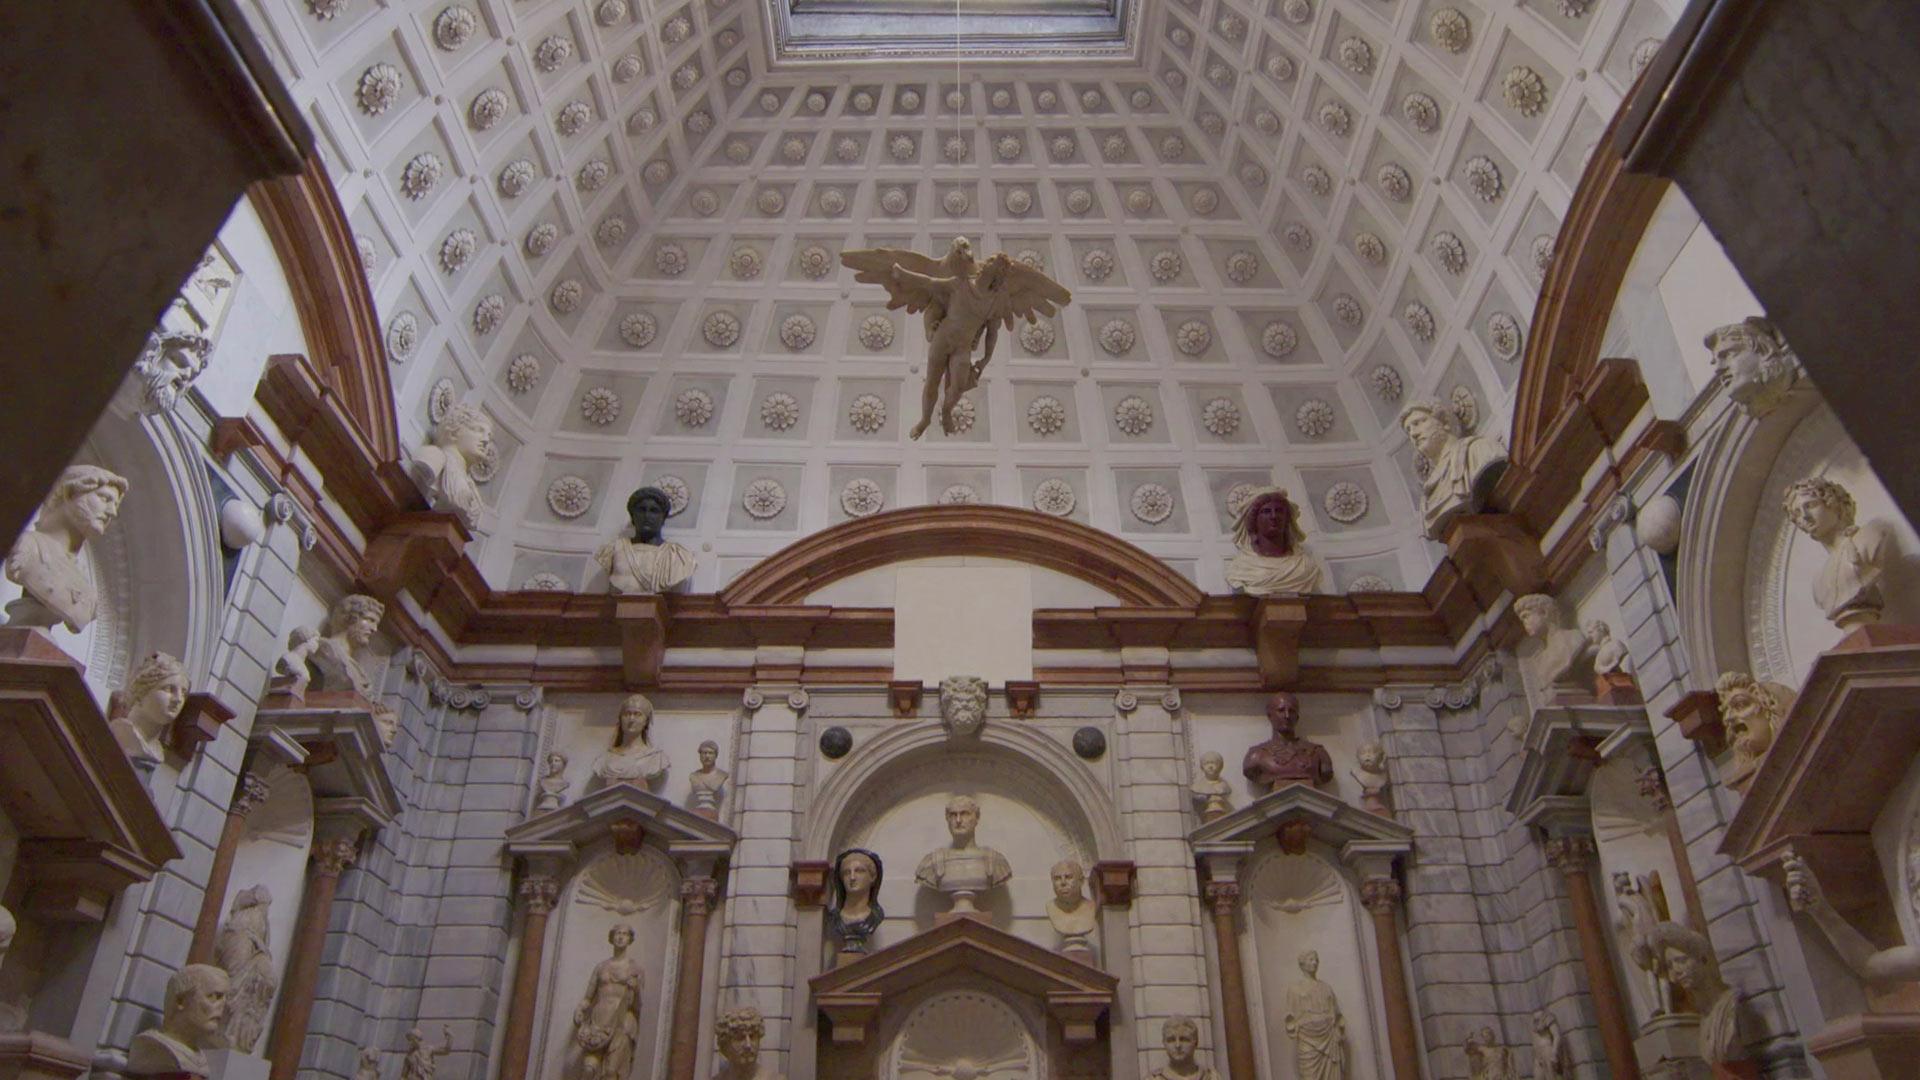 Sky Arte trasmetterà gratis alcuni suoi programmi, tra cui quello sui Musei italiani